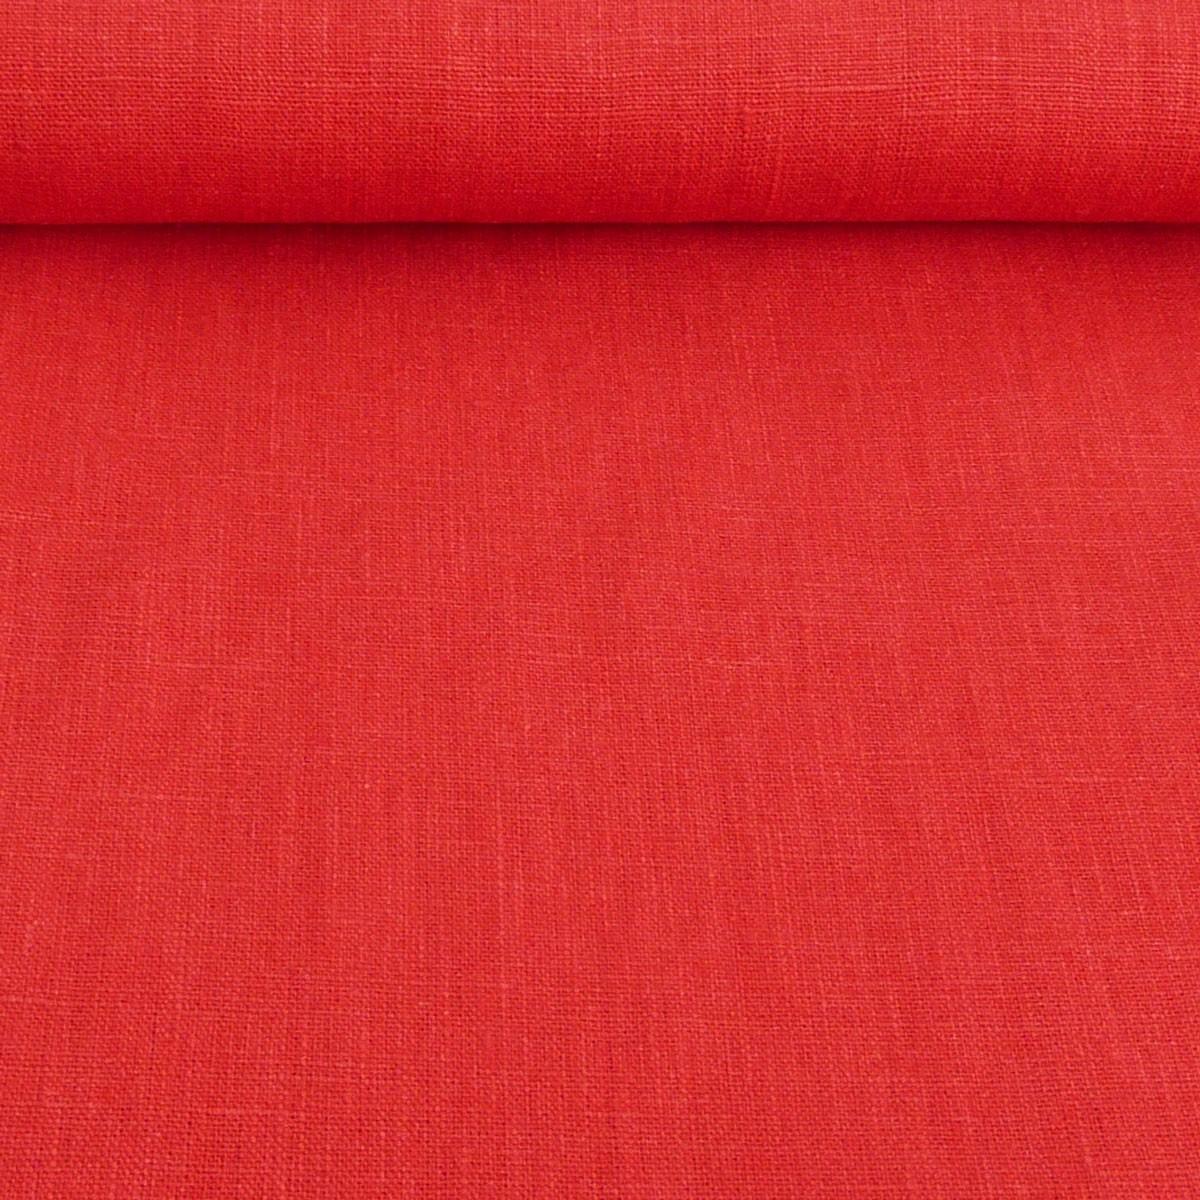 Bekleidungsstoff Leinen 255g/m² einfarbig rot